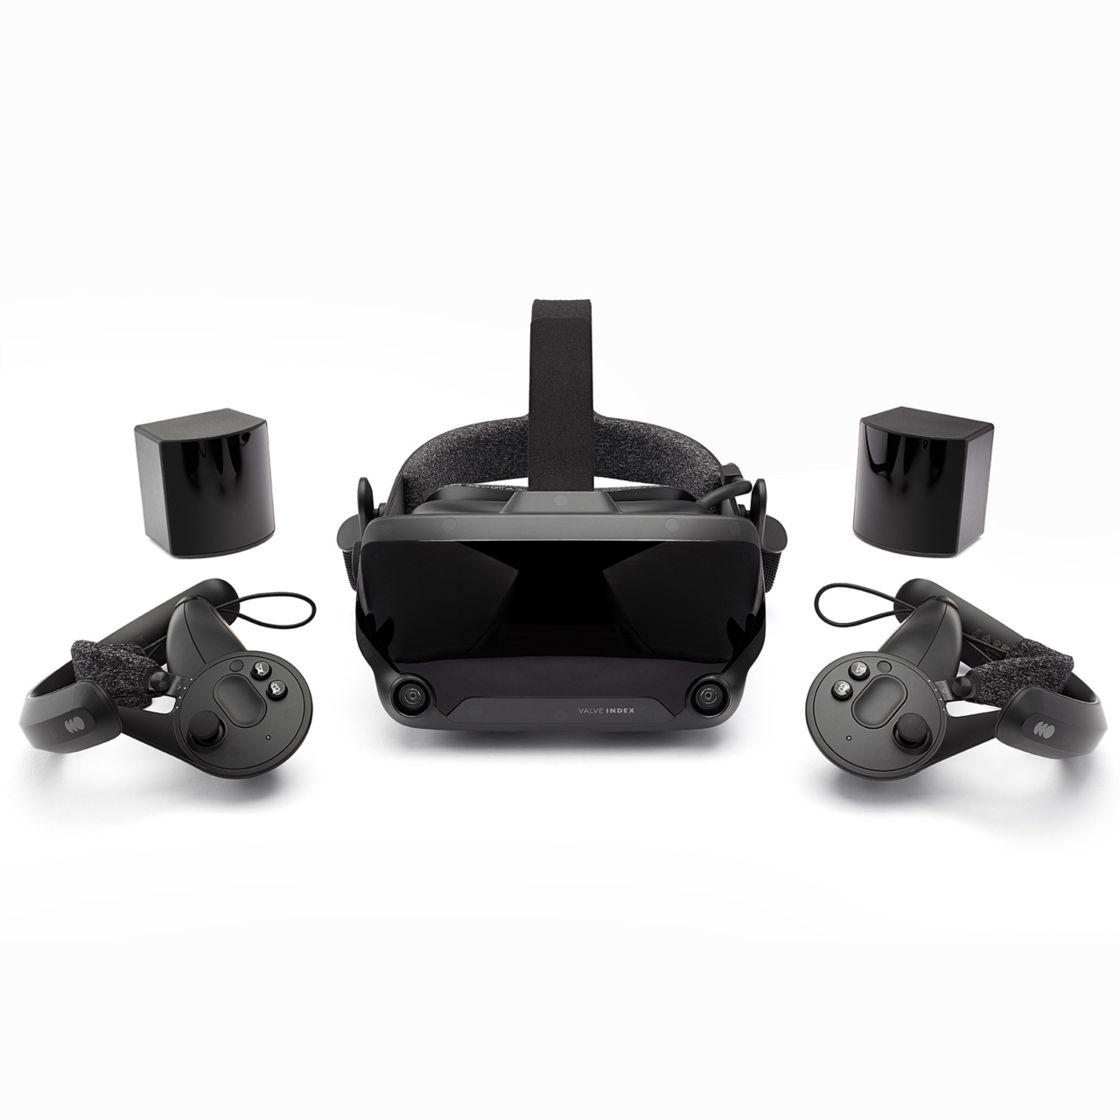 VR Valve Index